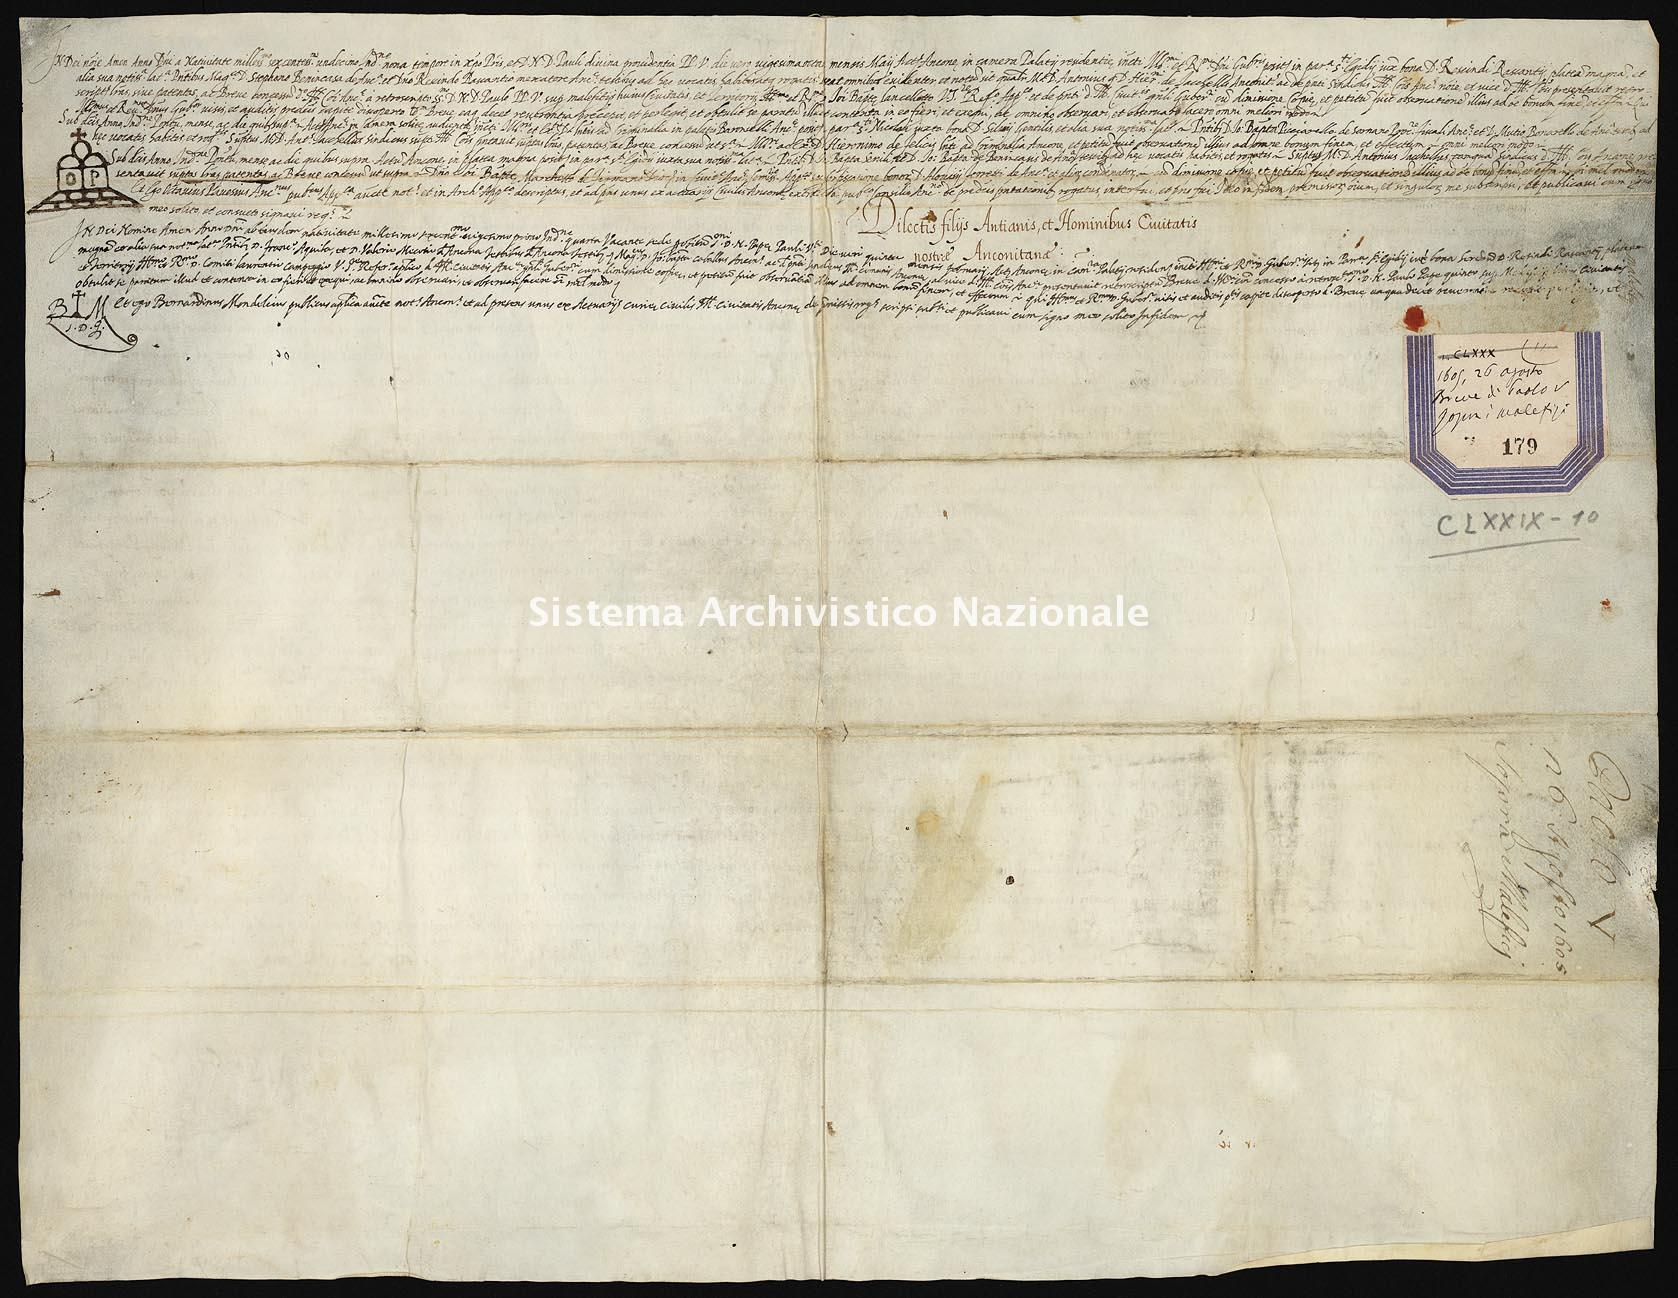 Archivio di Stato di Ancona, Comune di Ancona, Comune di Ancona (antico regime), Pergamene, Pergamena n. 179